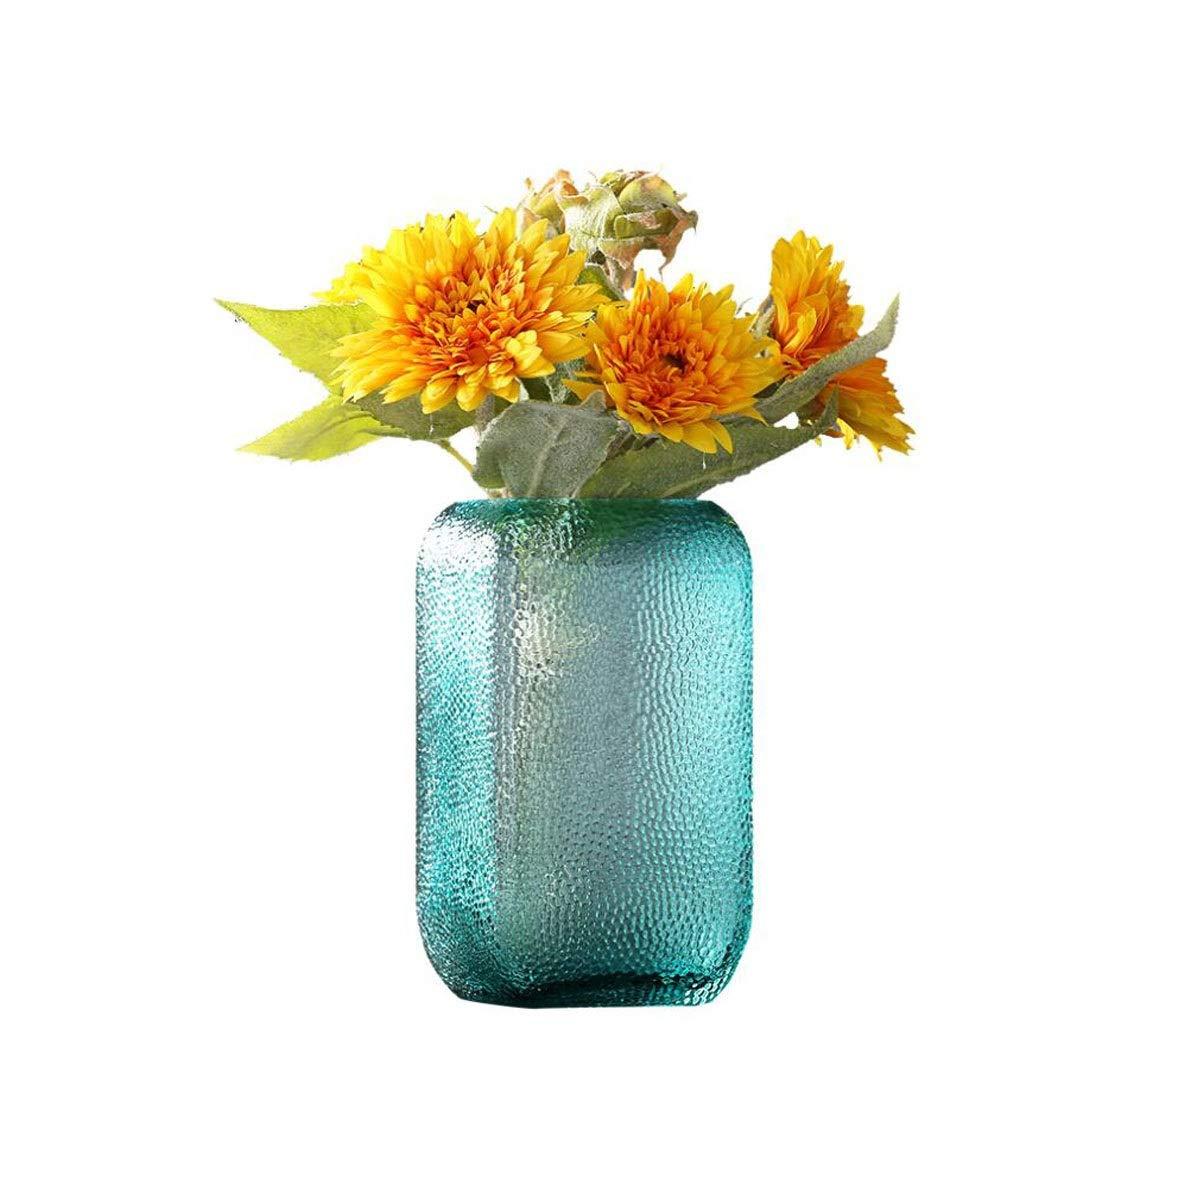 花瓶、シンプルなアメリカの透明ガラス花瓶クリエイティブホームリビングルームダイニングルームテレビキャビネット水耕ガラスフラワーアレンジメント、グレー (Color : Blue, Size : 5*8.5*26cm) B07S8KLBZX Blue 5*8.5*26cm